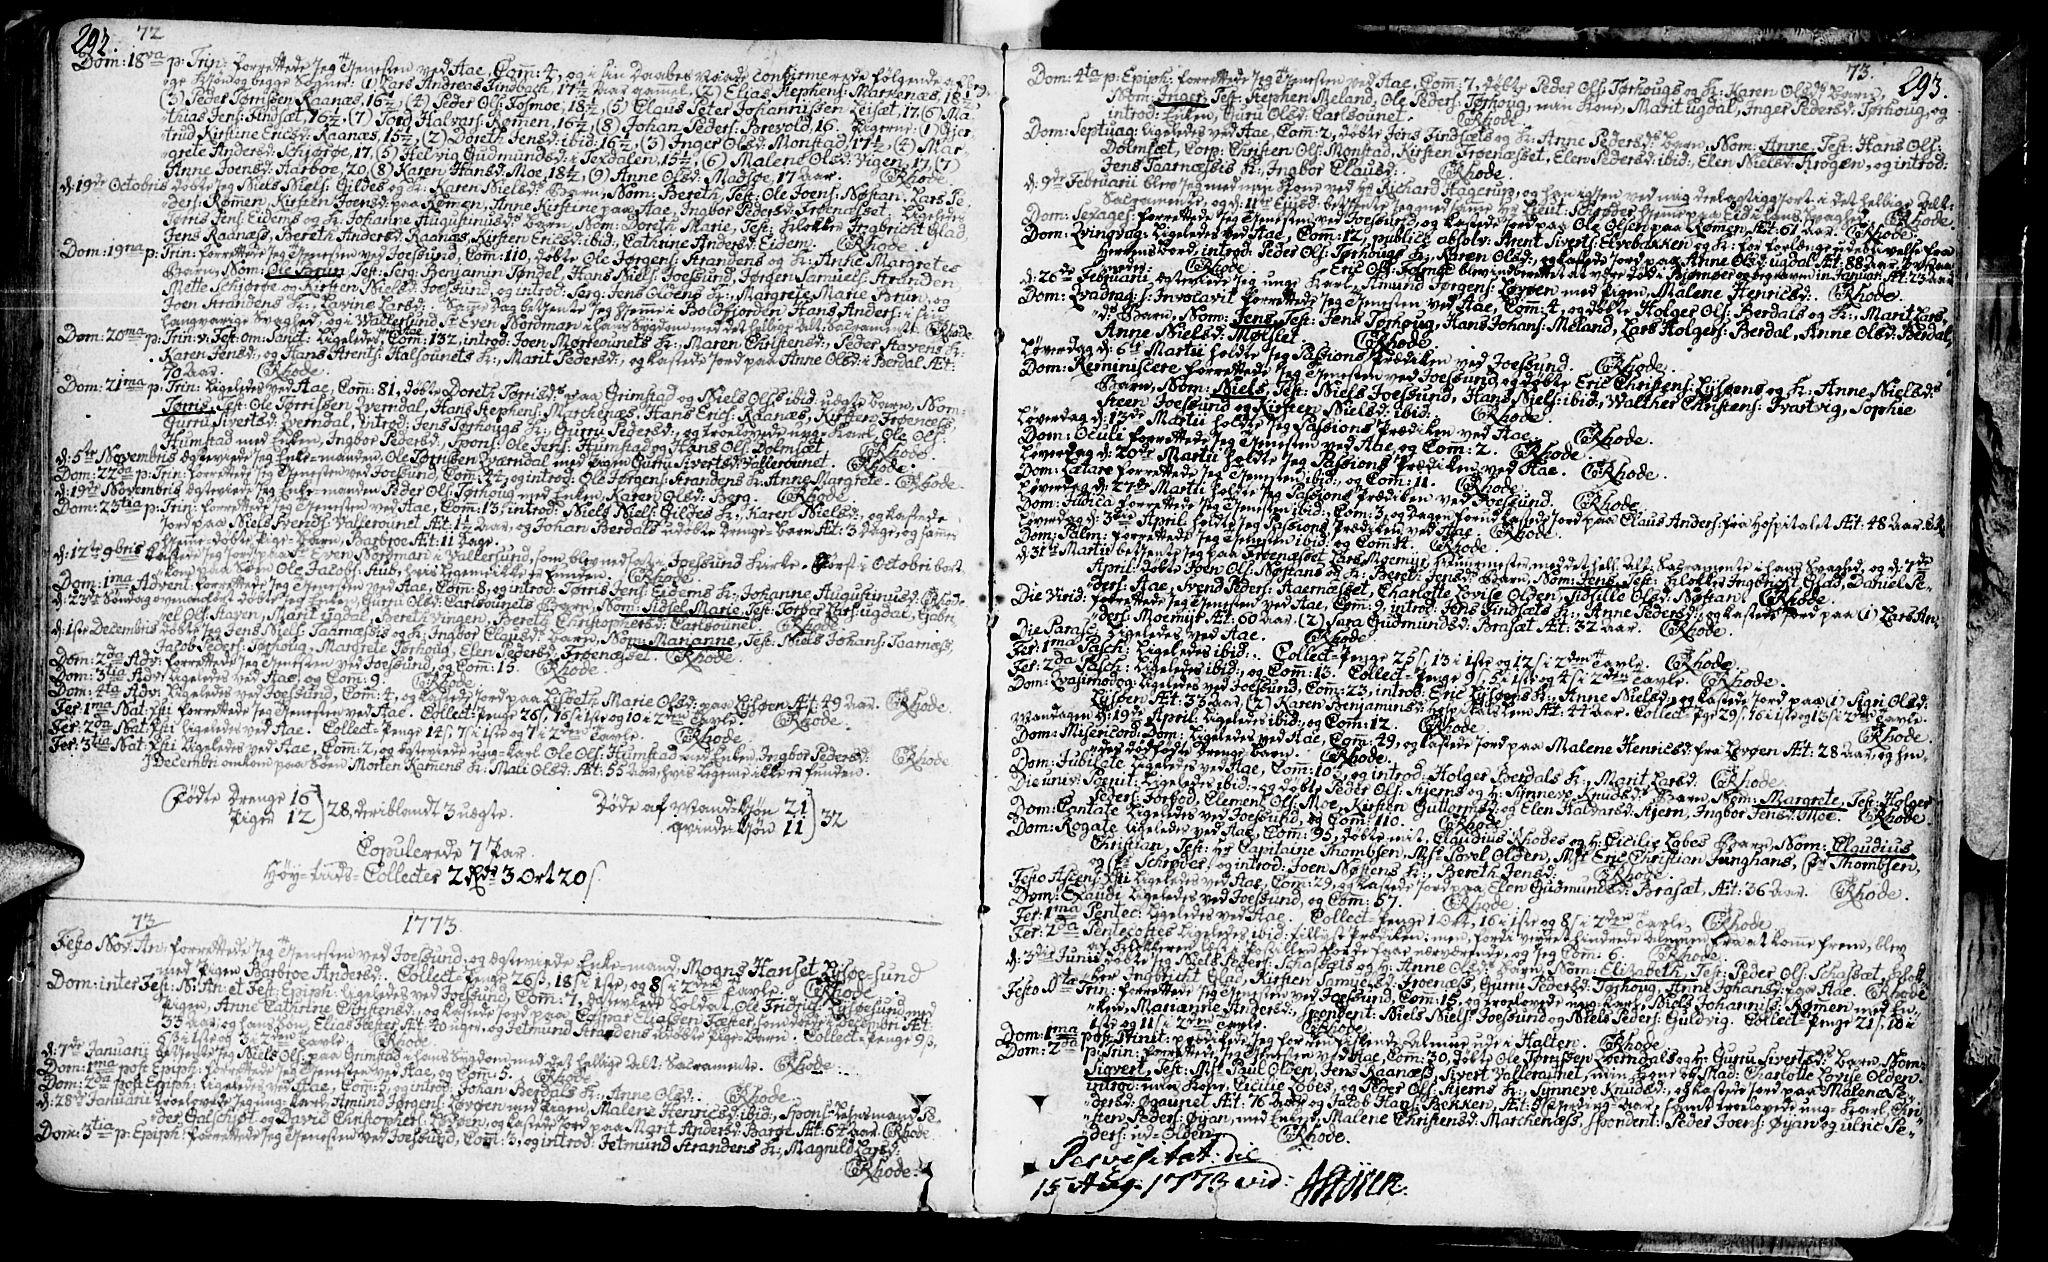 SAT, Ministerialprotokoller, klokkerbøker og fødselsregistre - Sør-Trøndelag, 655/L0672: Ministerialbok nr. 655A01, 1750-1779, s. 292-293